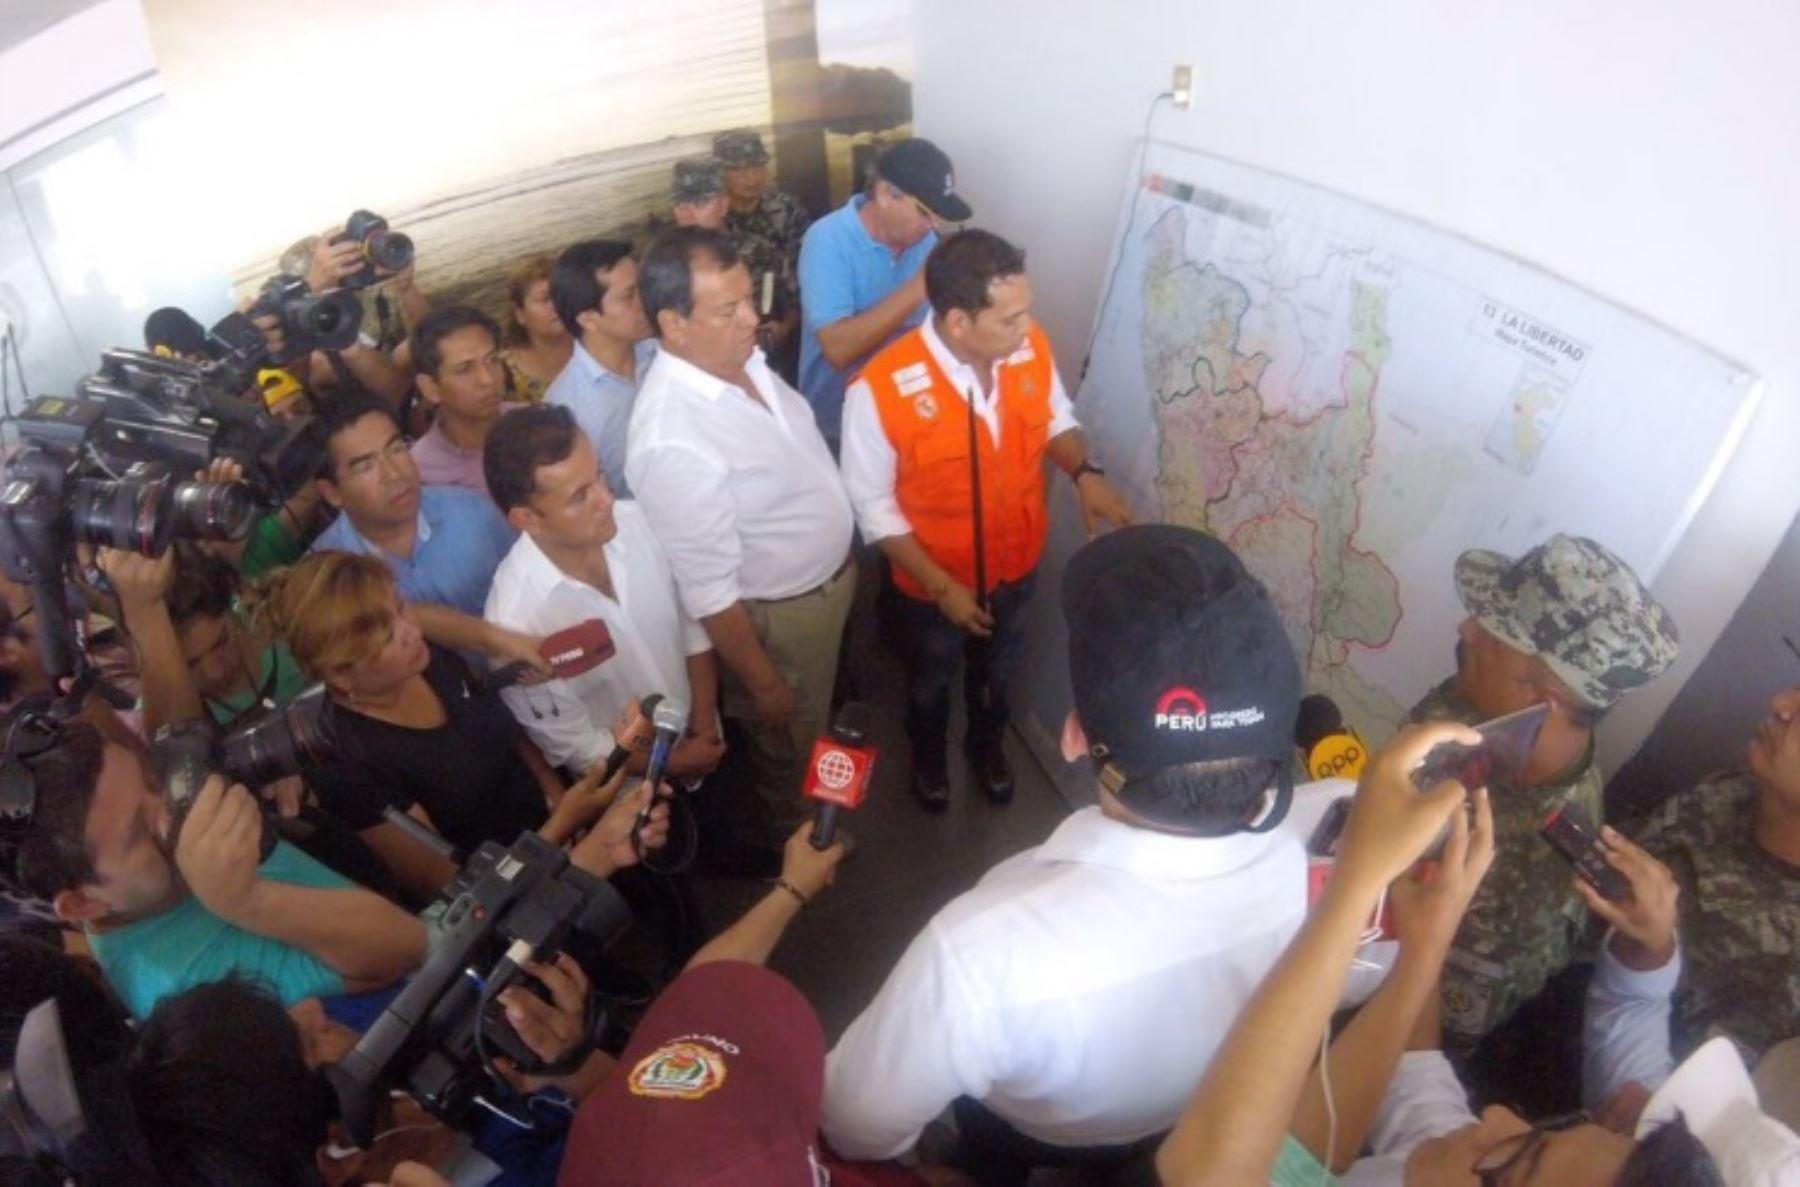 Presidente del Consejo de Ministros, Fernando Zavala, inspecciona labores de atención frente a las emergencias en Trujillo. Foto Twitter.